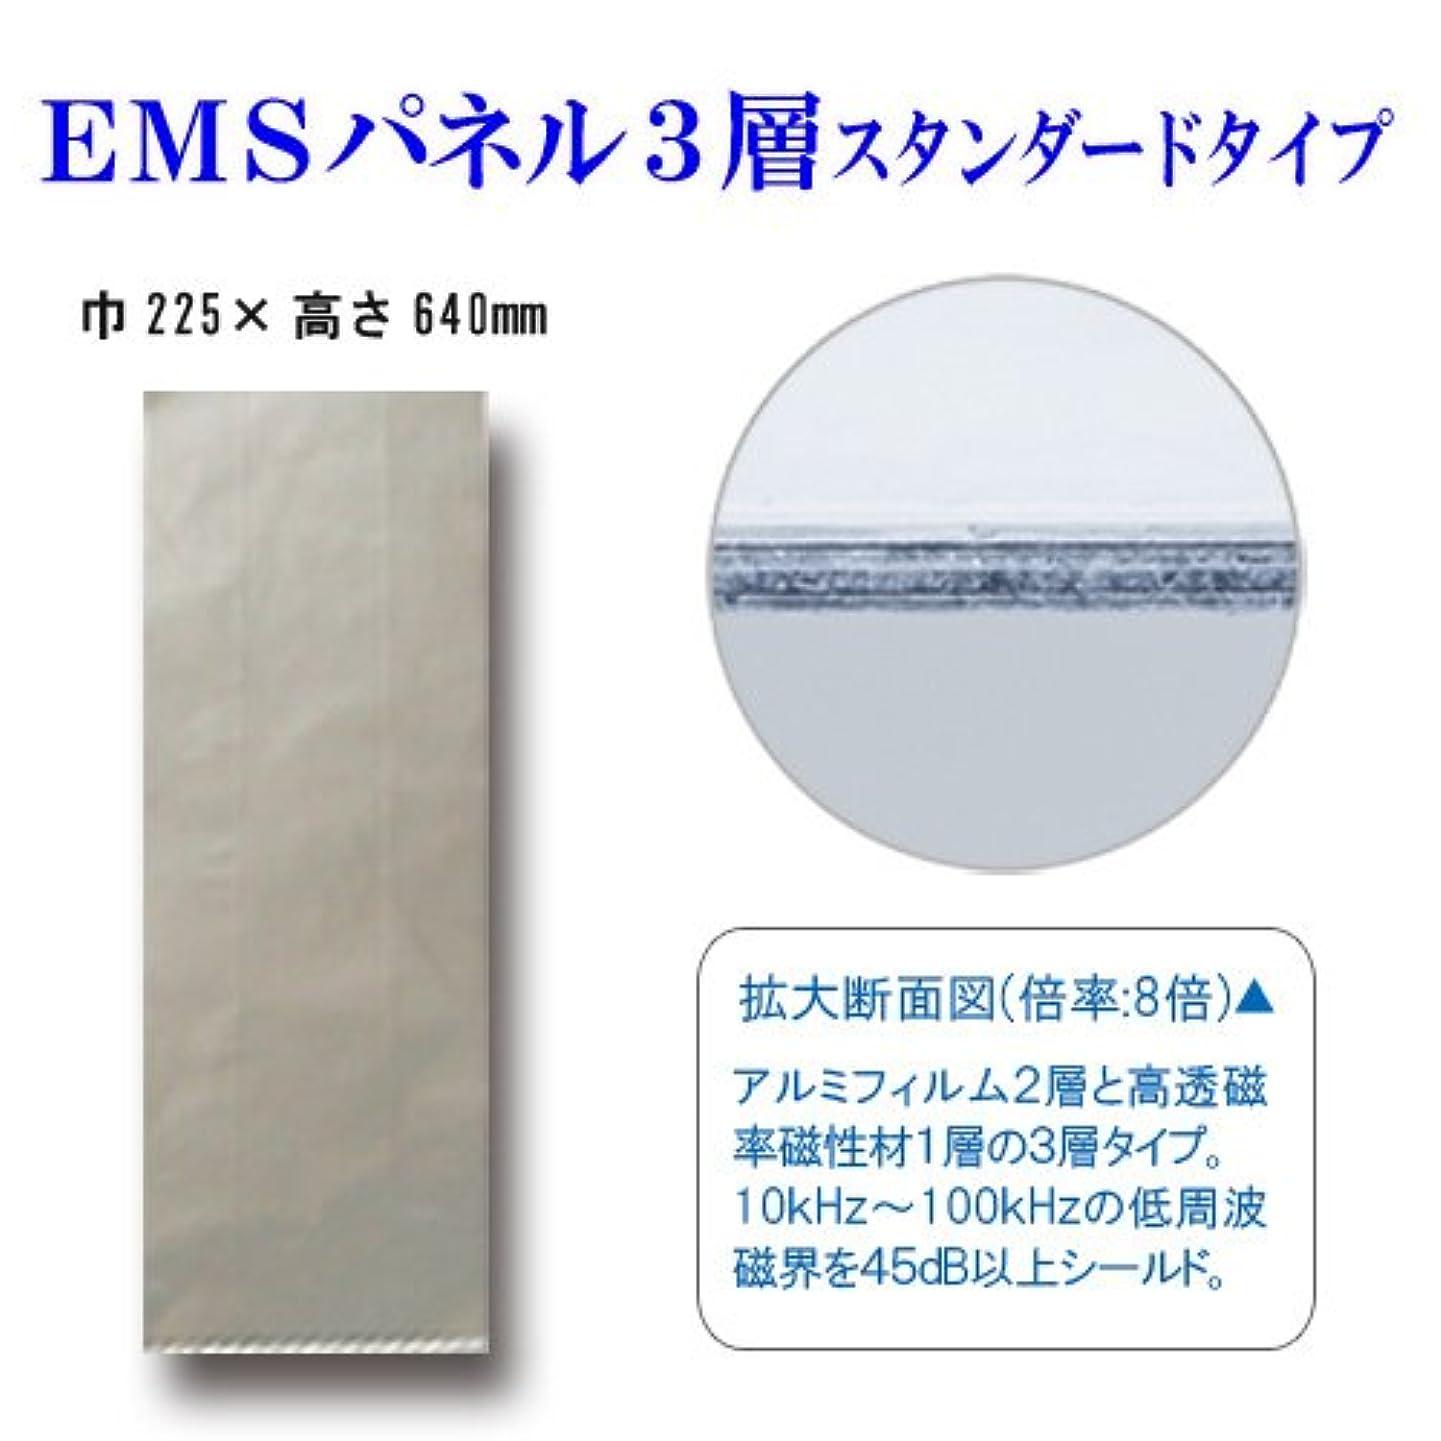 チームピンポイント謝罪するEMSパネル3層-標準タイプ(低周波磁界対策)225×640mm